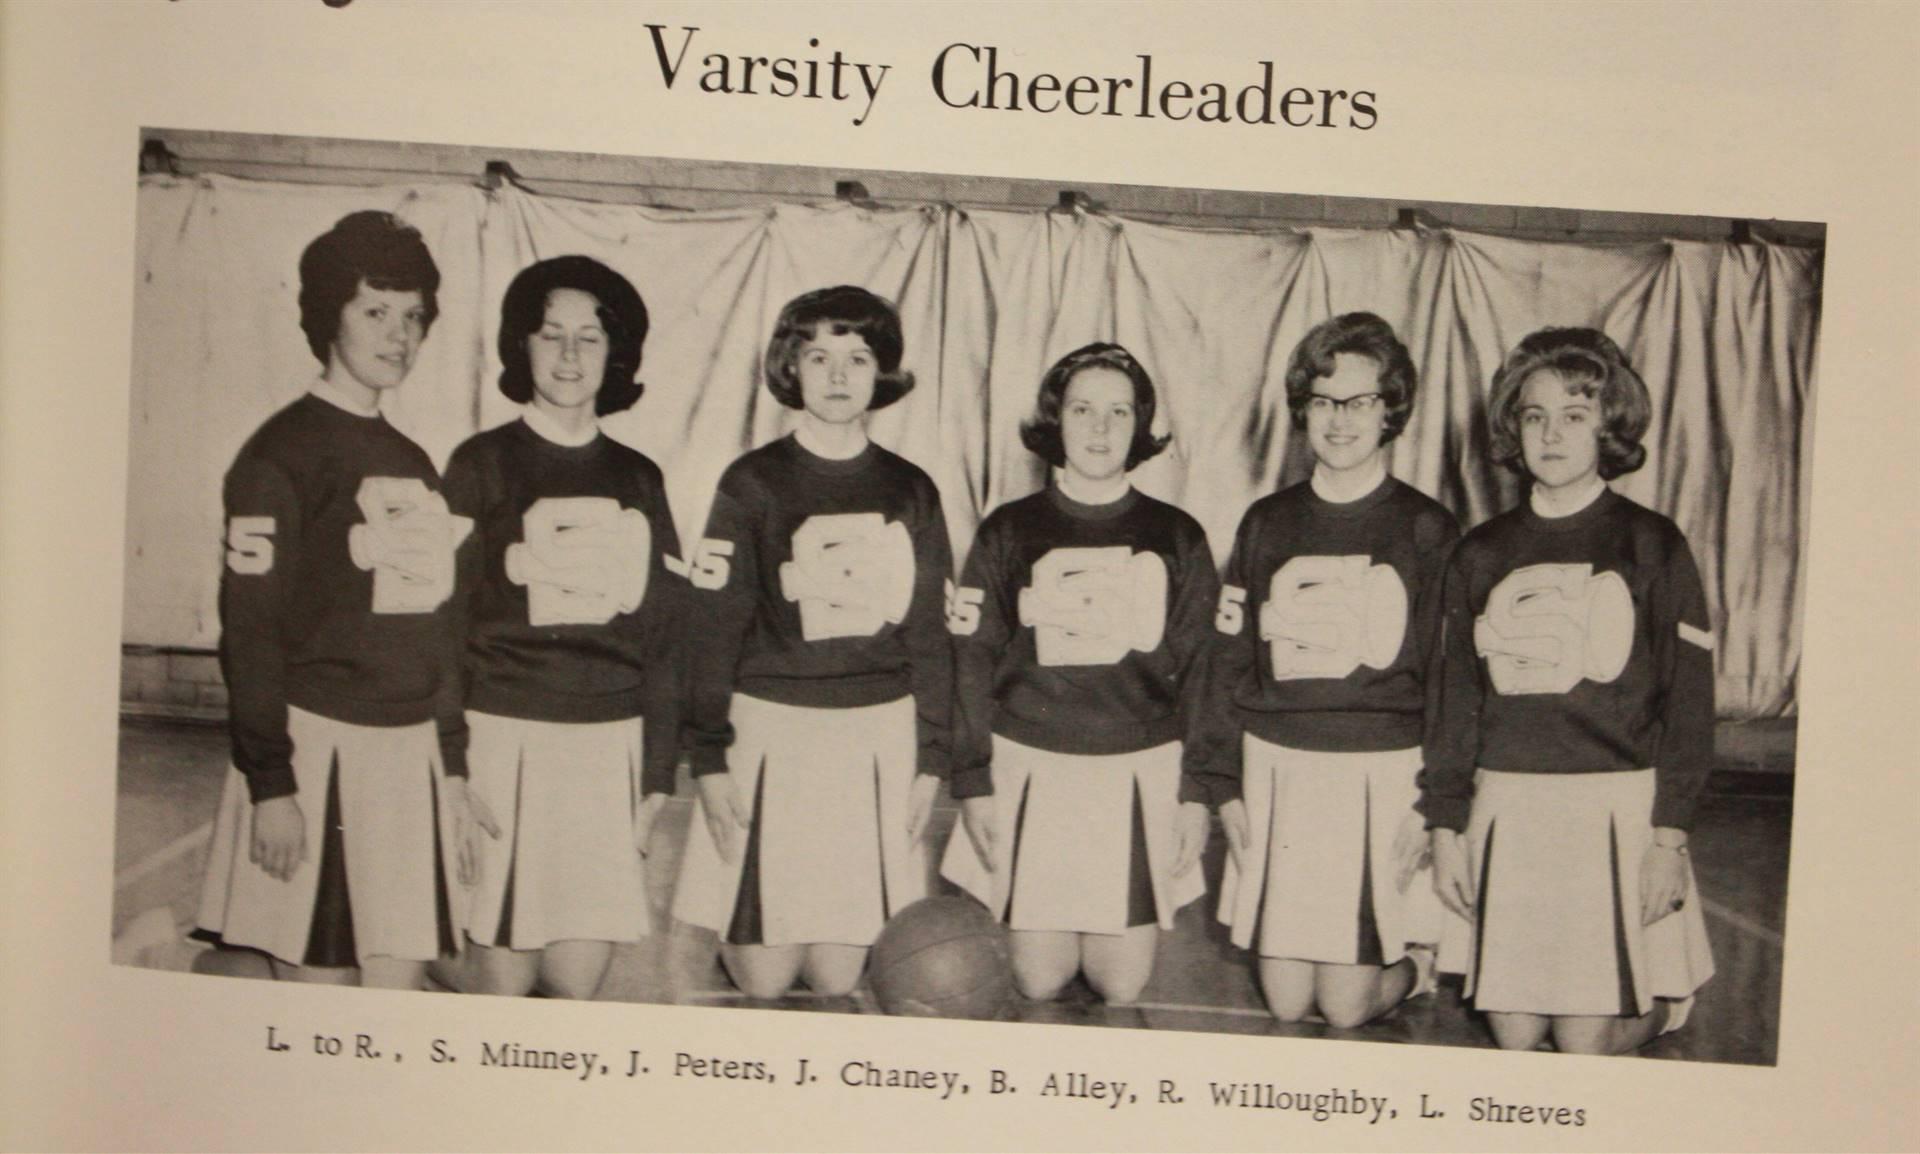 1965 varsity cheerleaders